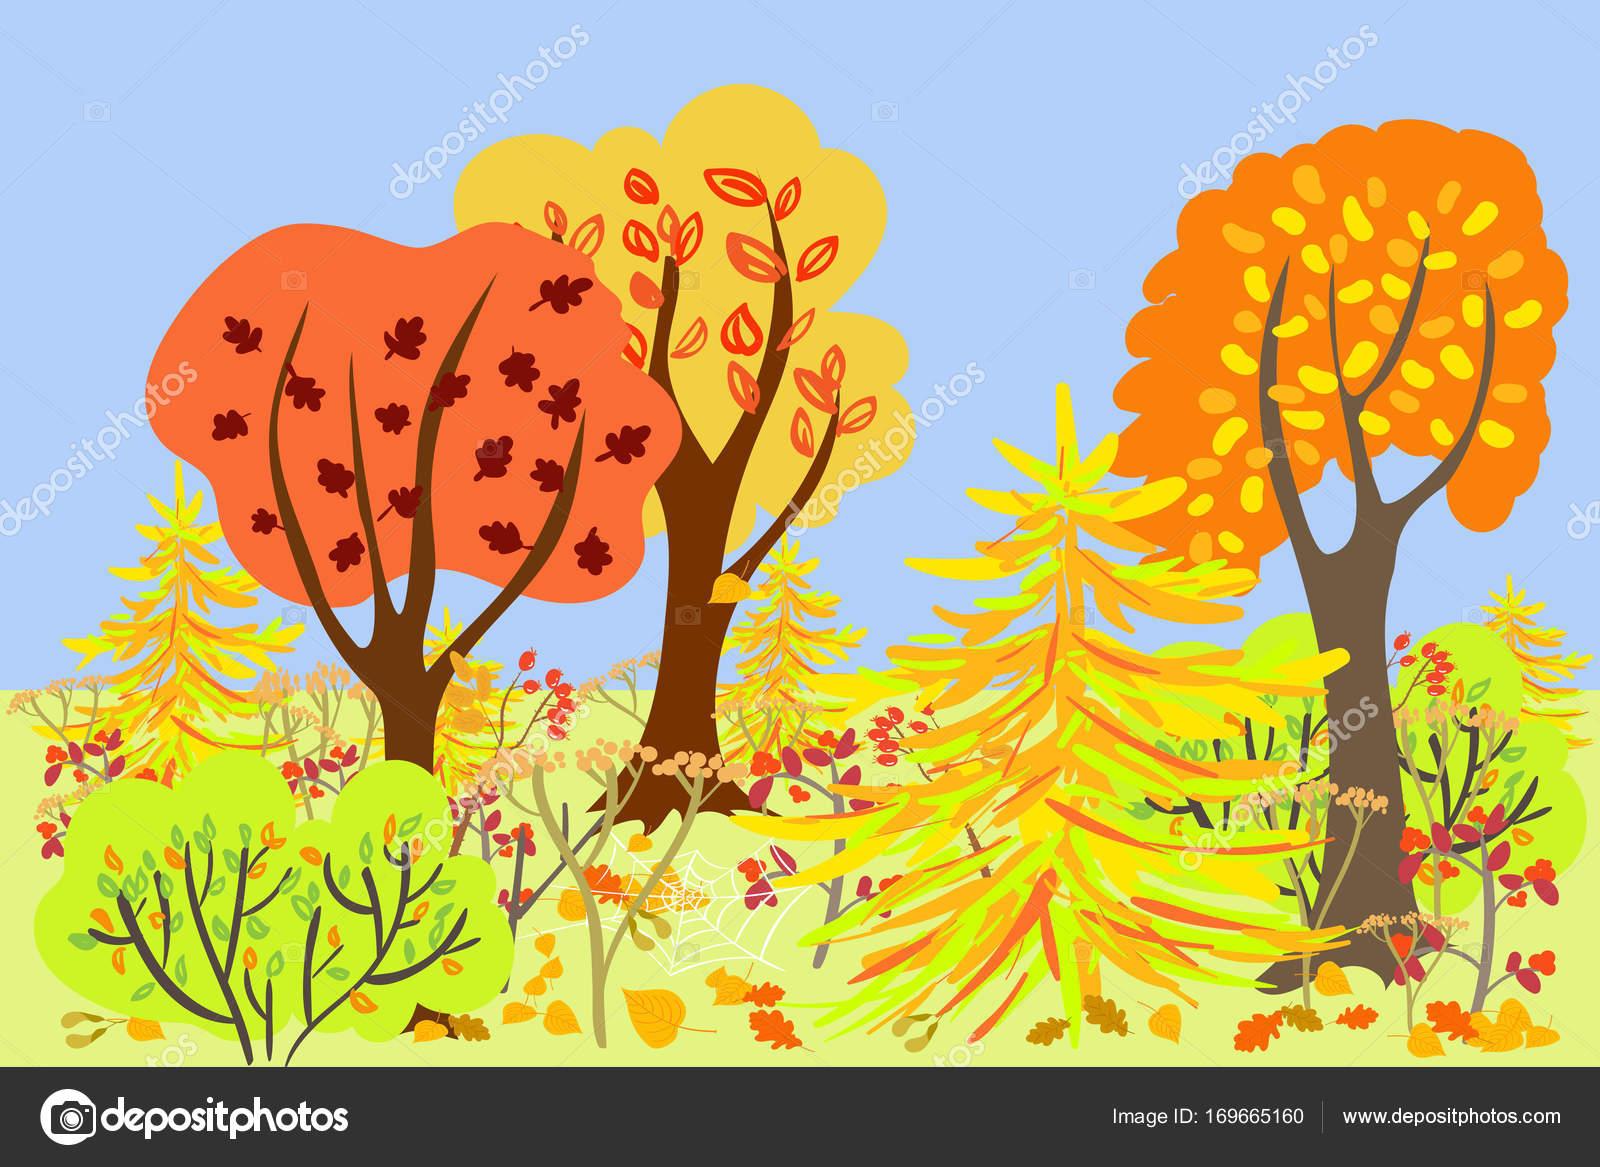 For t d automne dessin anim image vectorielle mila che 169665160 - Paysage d automne dessin ...